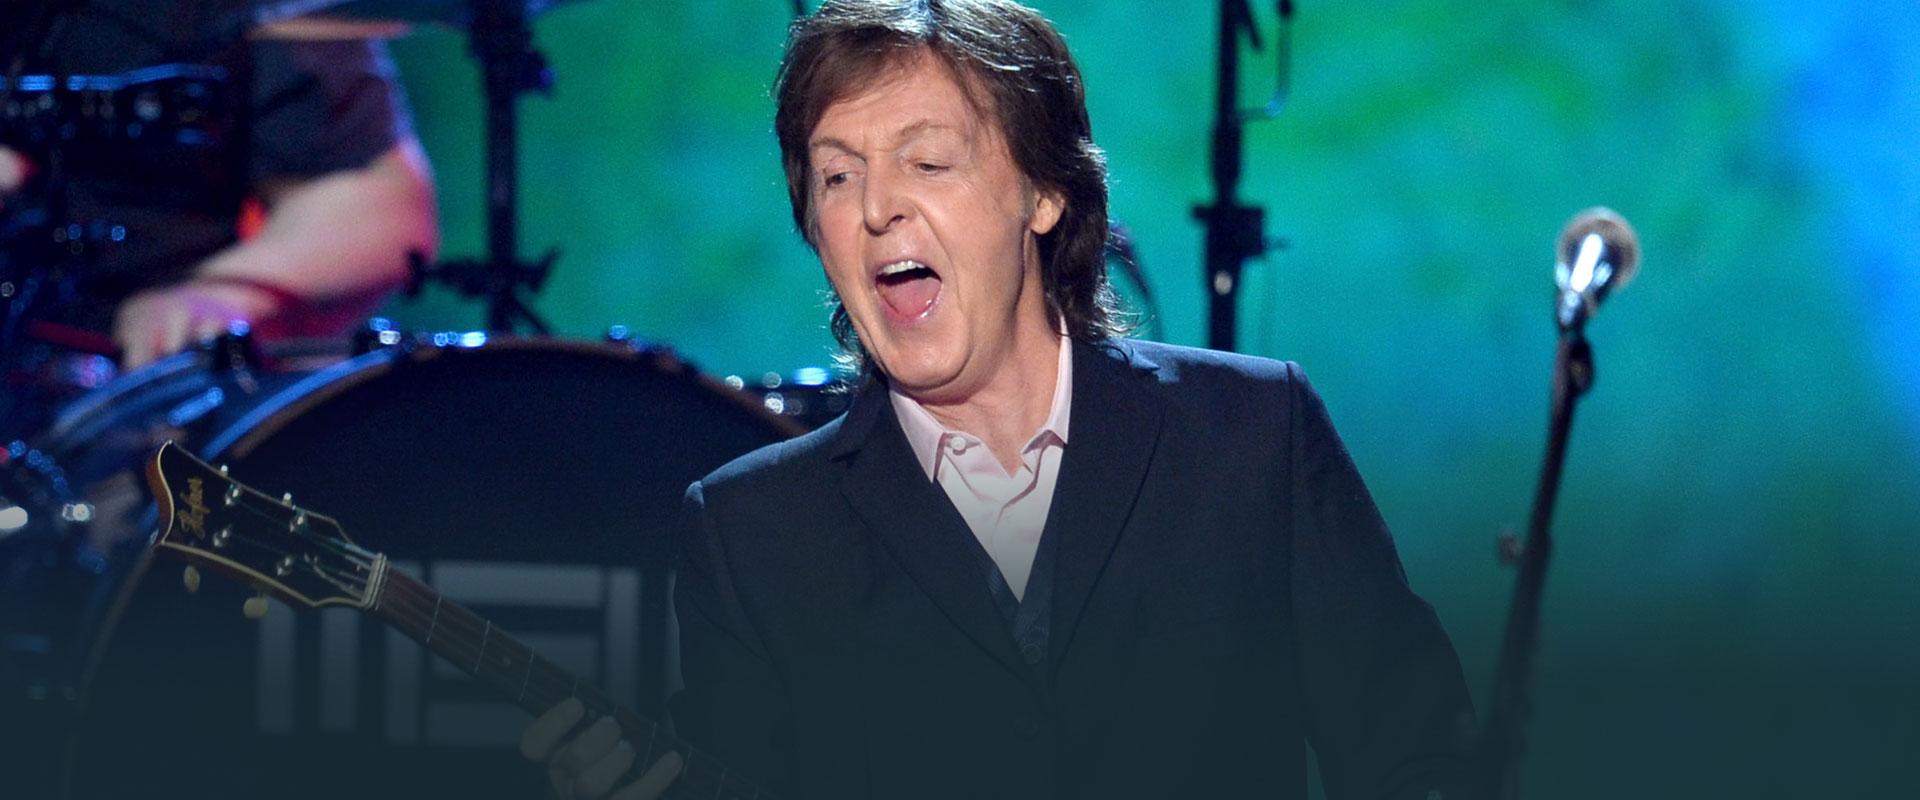 Placeholder - loading - Imagem da notícia Você sabe tudo sobre Paul McCartney? Faça o teste!